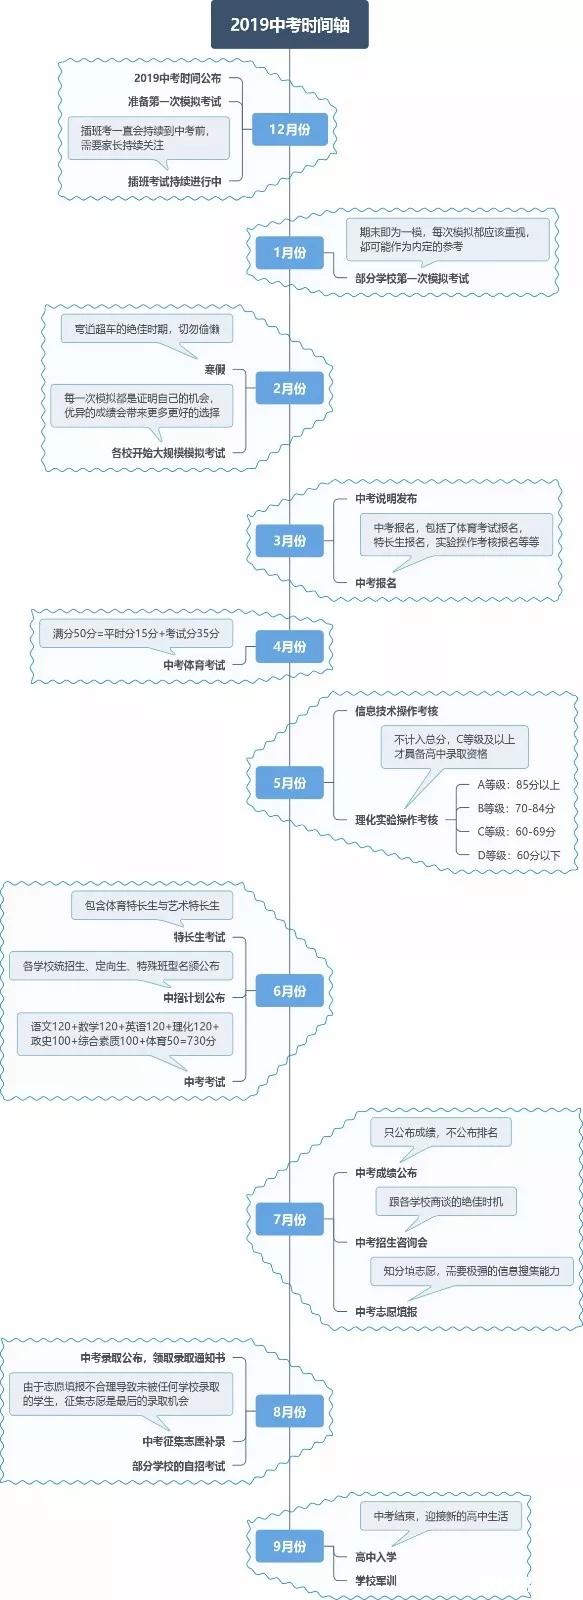 2019西安中考时间安排详细内容